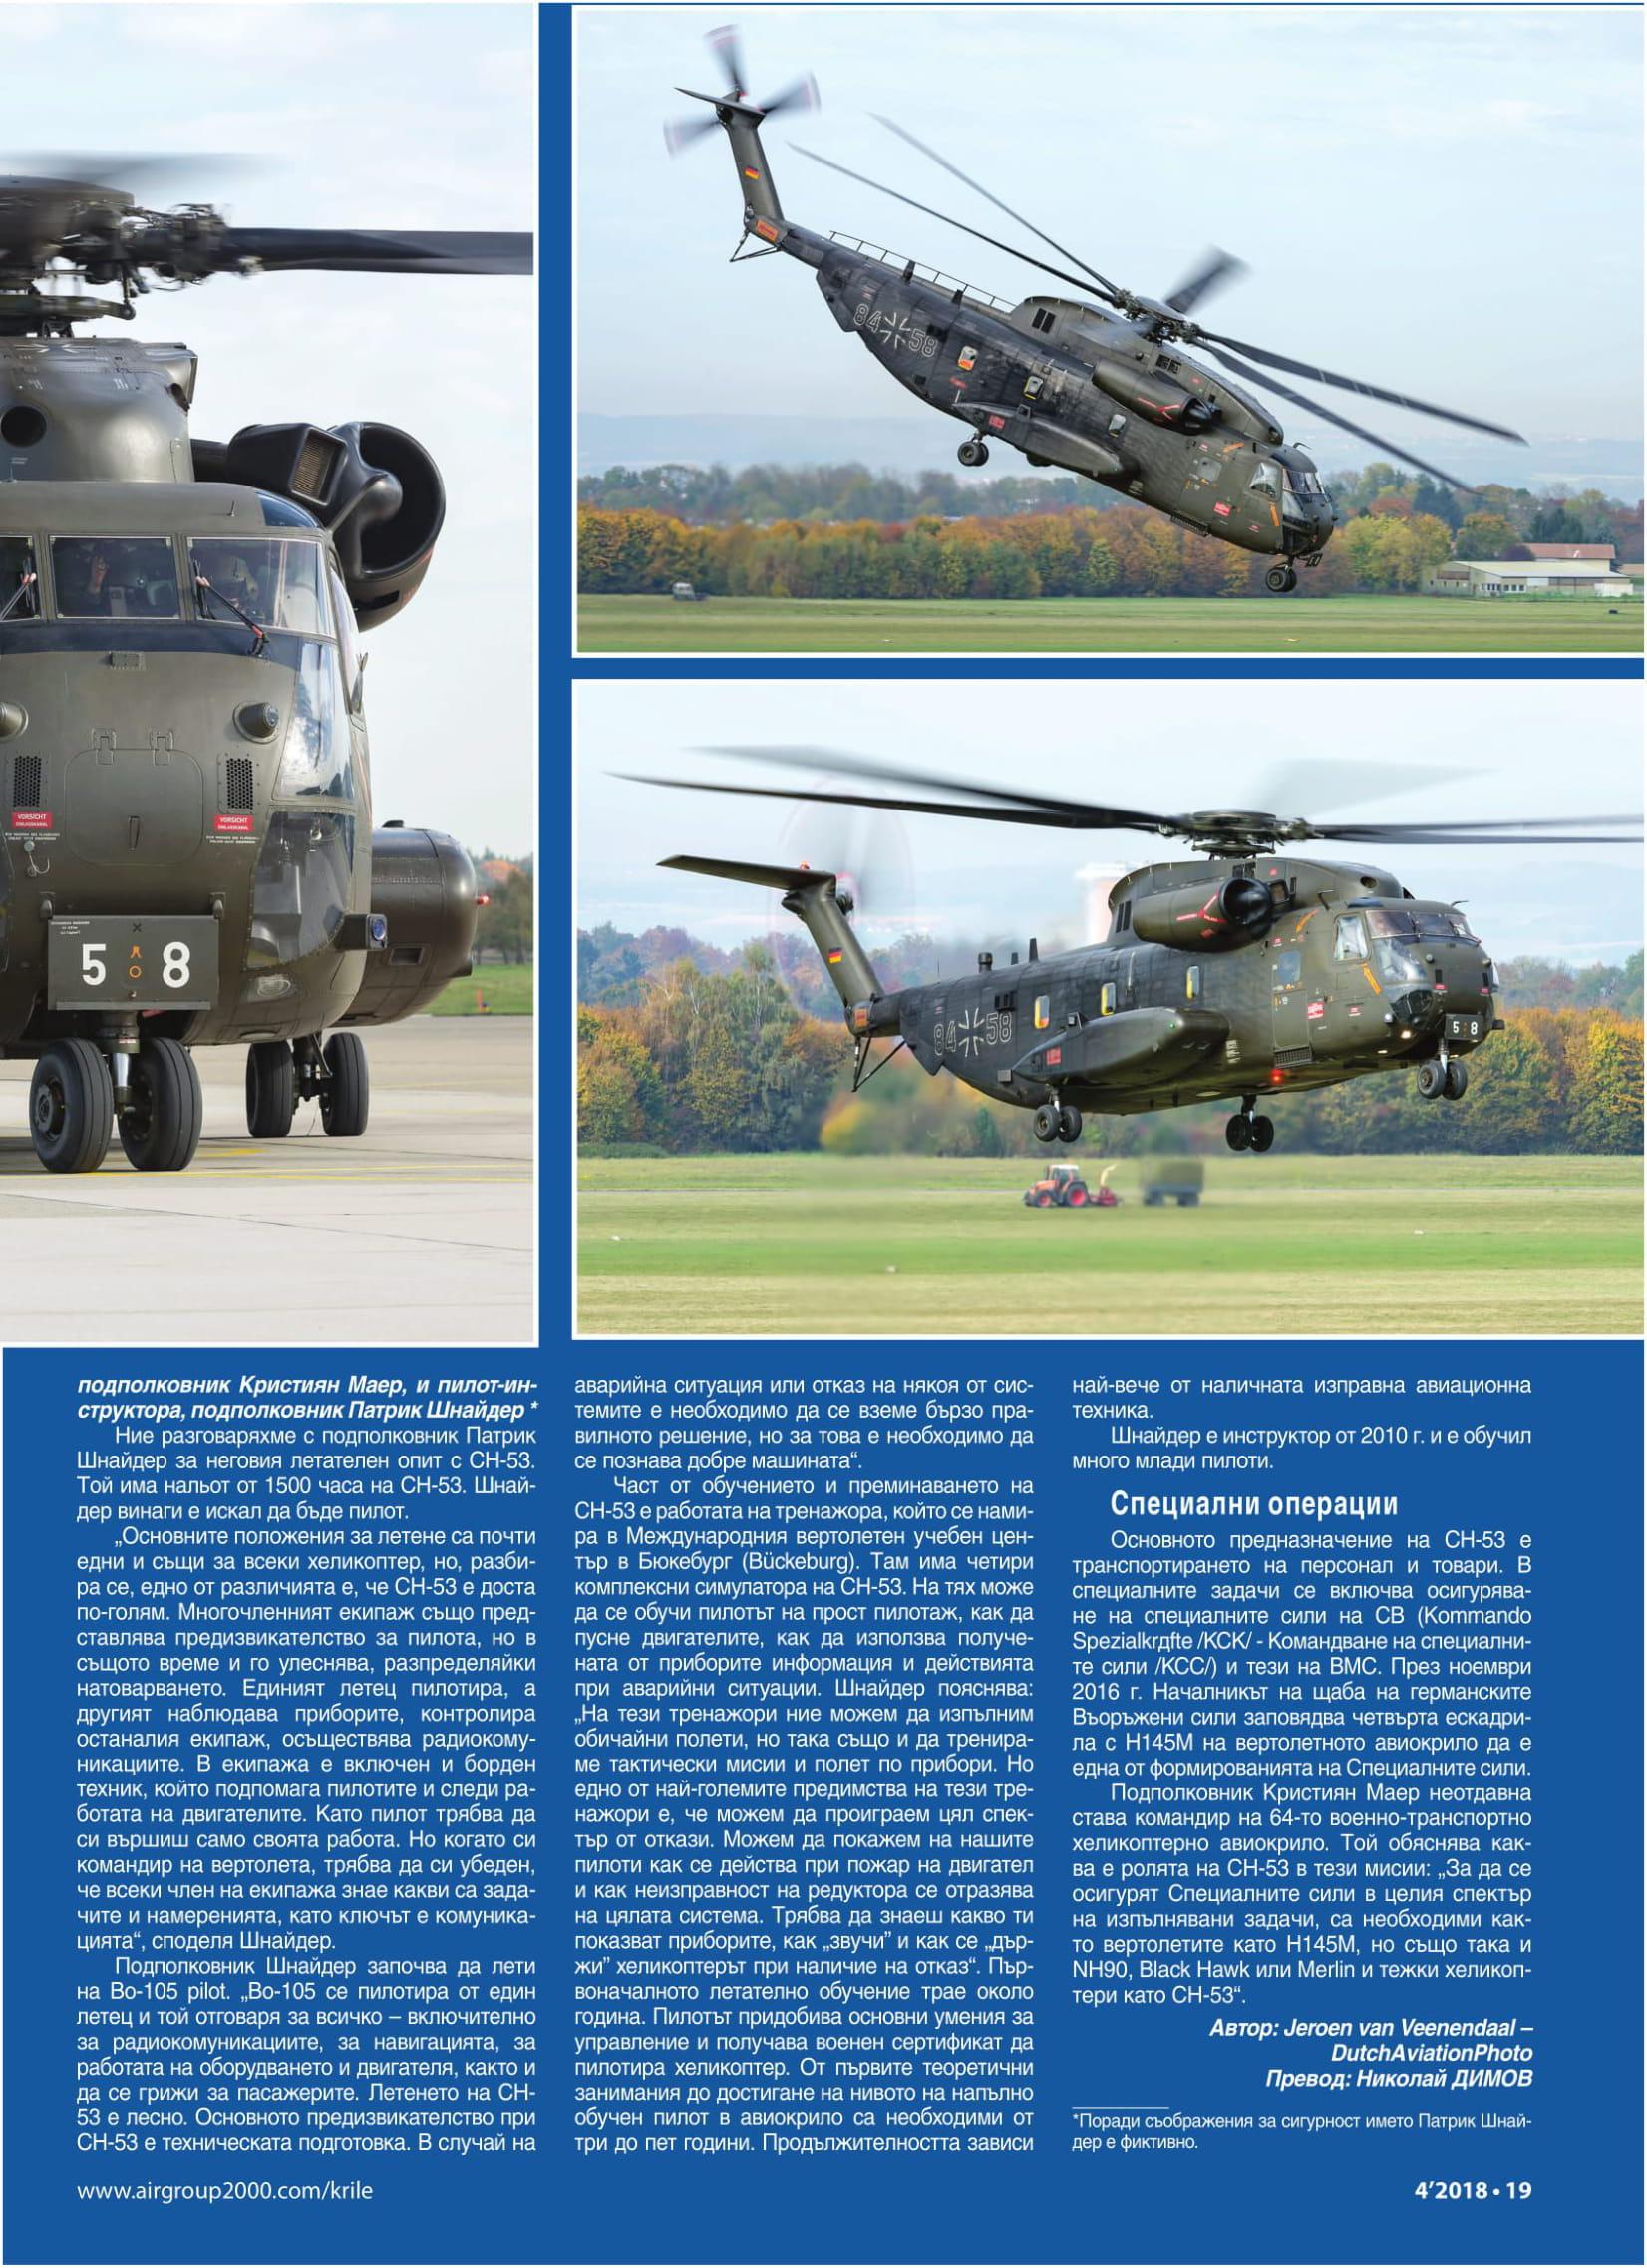 Club WIngs (Bulgaria)_CH53s HSG 64 Laupheim Air Base-3